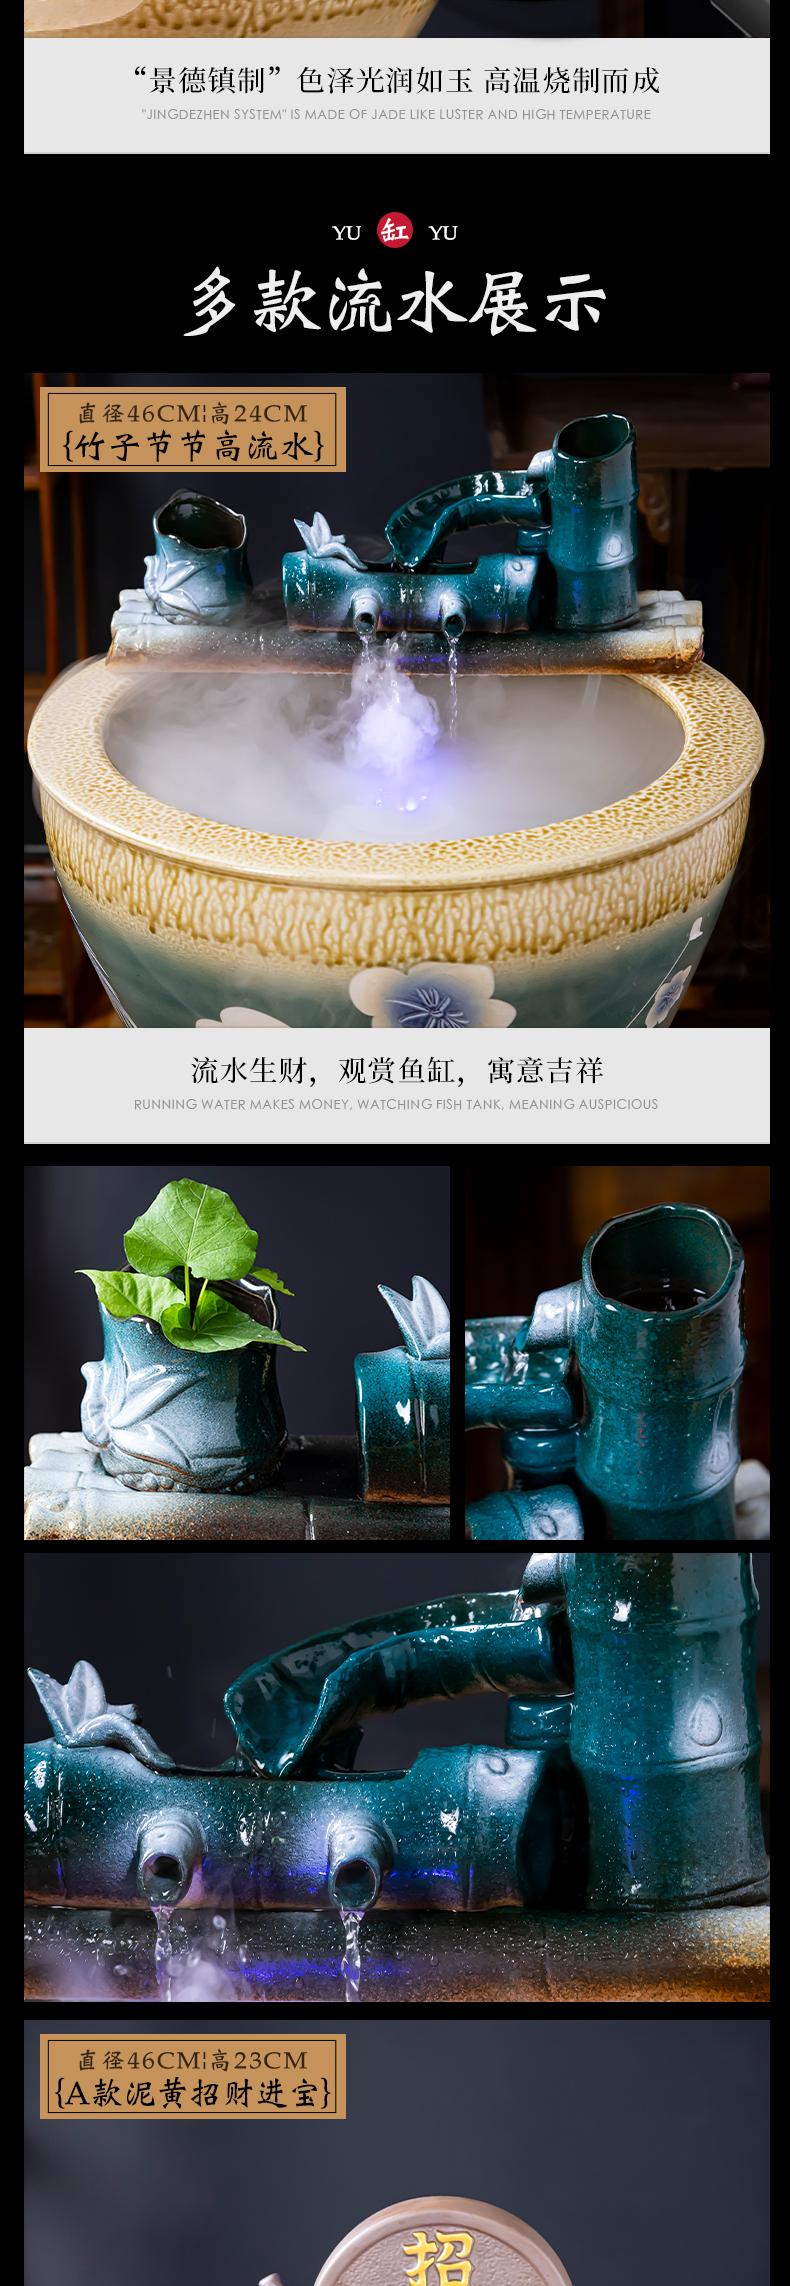 景德镇陶瓷鱼缸金鱼缸阳台办公室客厅家用循环流水摆件庭院大鱼缸